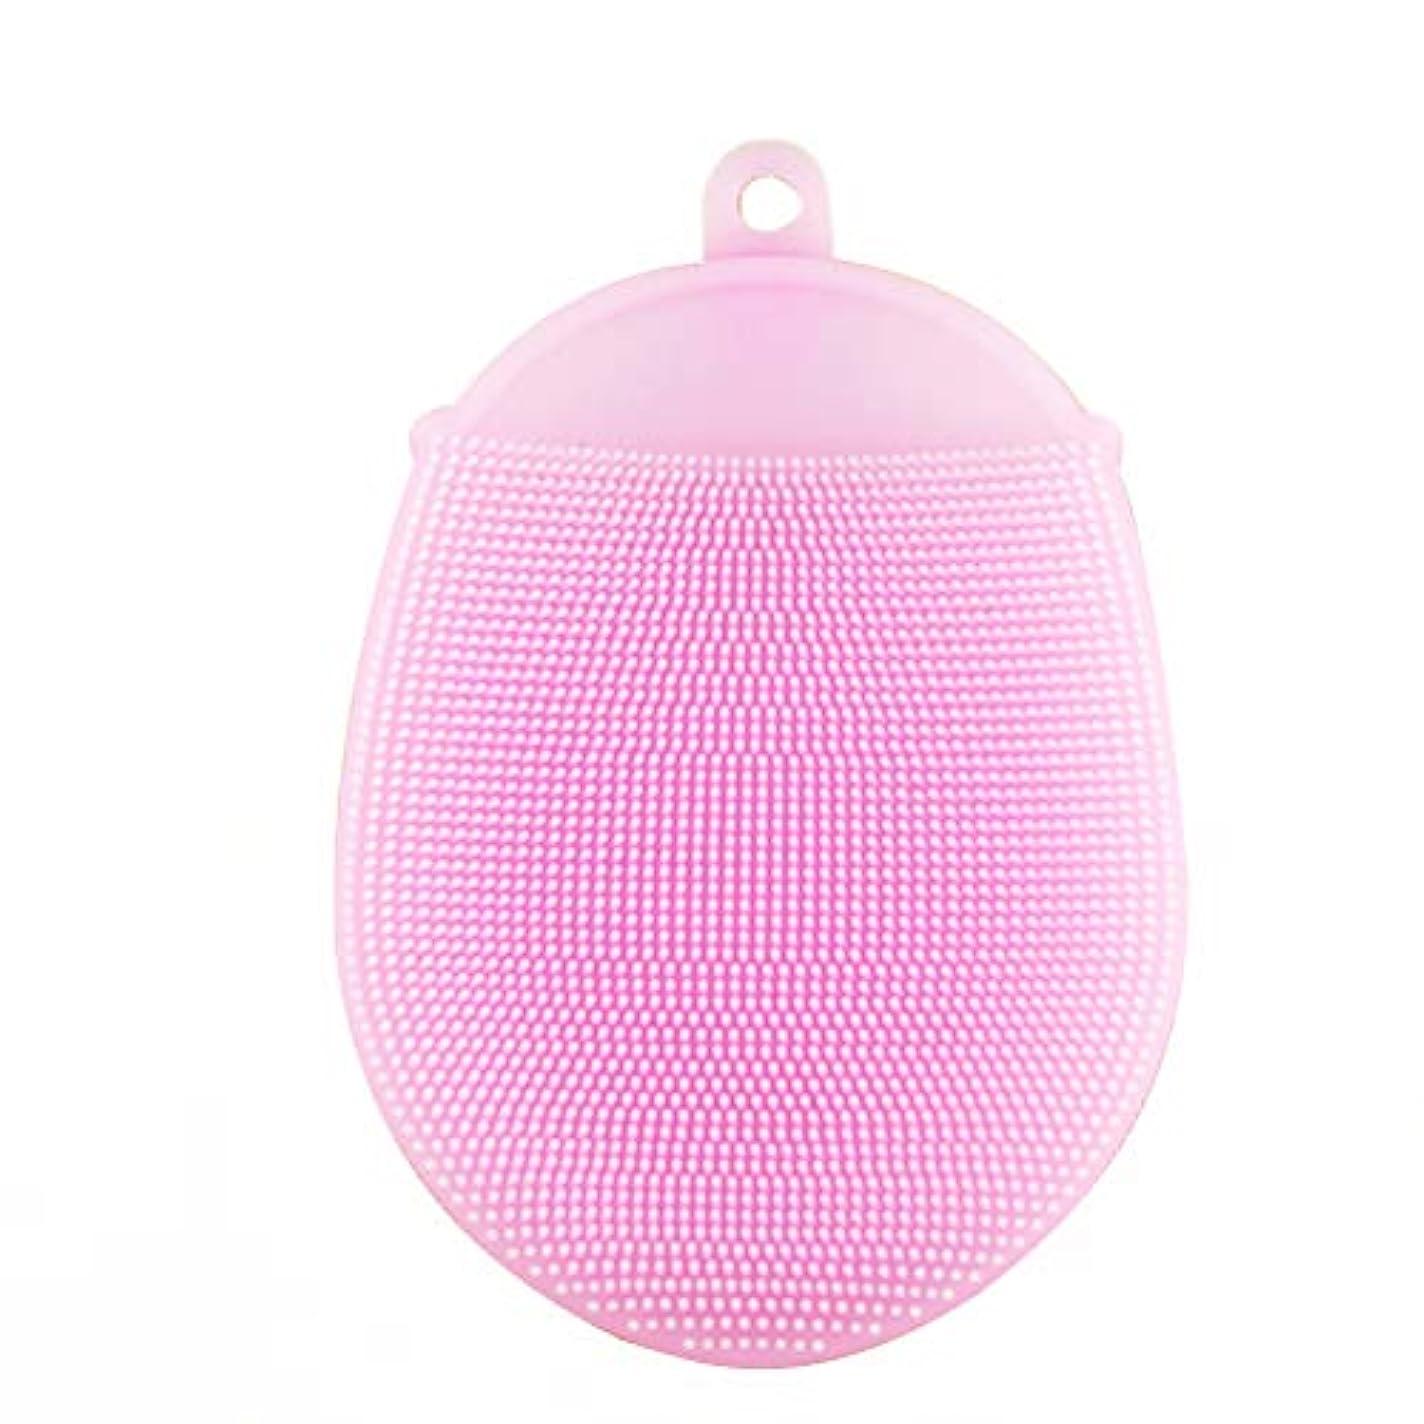 信号水素ハブHealifty シリコン 入浴ブラシ 抗菌 シャワースクラバー 洗顔パッド 2本入 (ピンク)